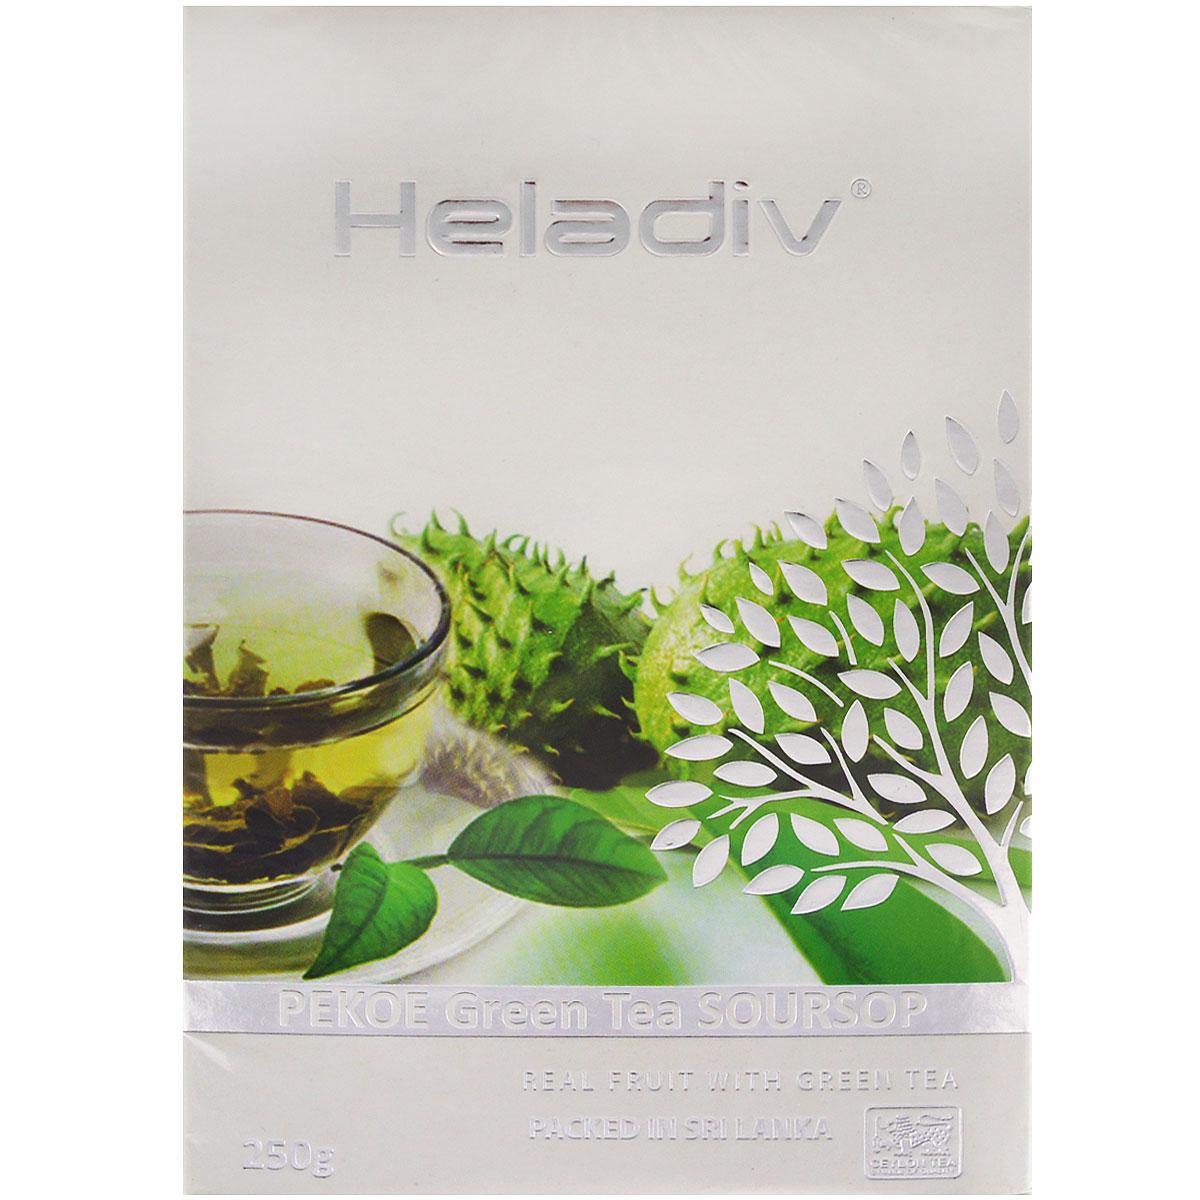 Heladiv Pekoe Green Soursop зелёный листовой чай с саусепом, 250 г0120710Heladiv Pekoe Green Soursop - настоящий цейлонский зелёный чай Пеко с с натуральным ароматизатором и кусочками саусепа.